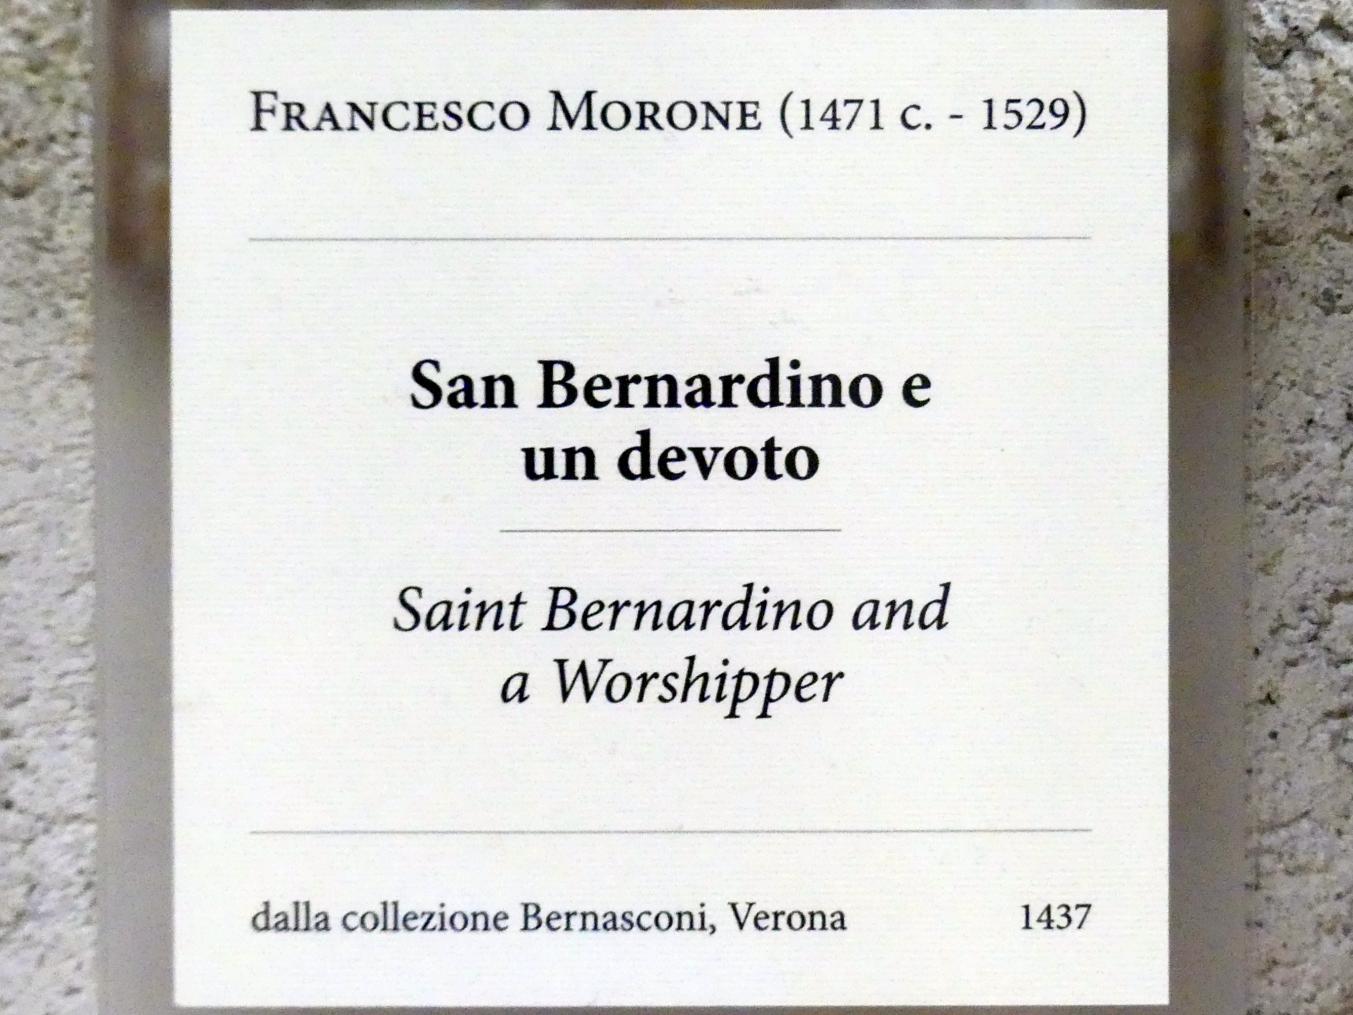 Francesco Morone: Der Heilige Bernhardin und ein Stifter, Undatiert, Bild 2/2